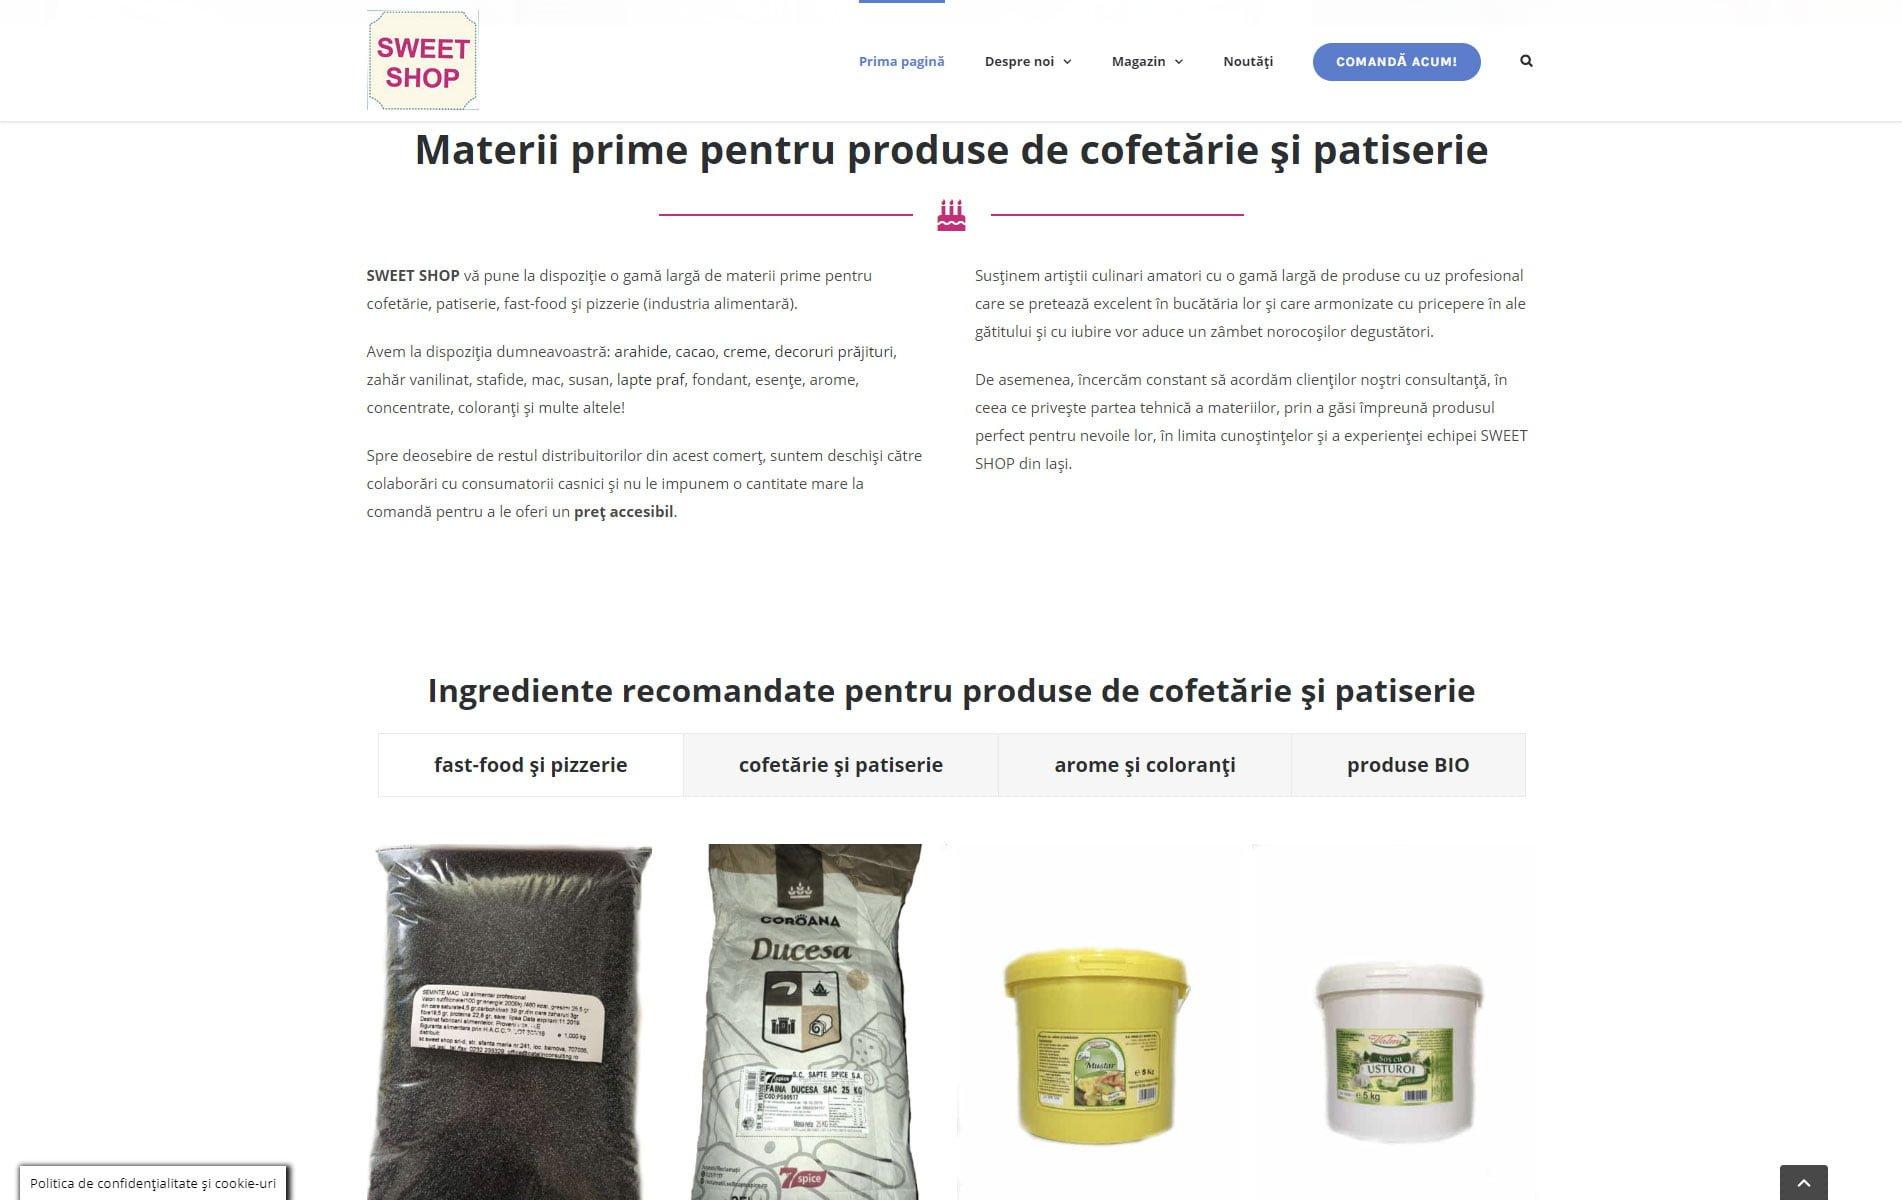 Materii prime pentru produse de cofetărie, patiserie și fast-food